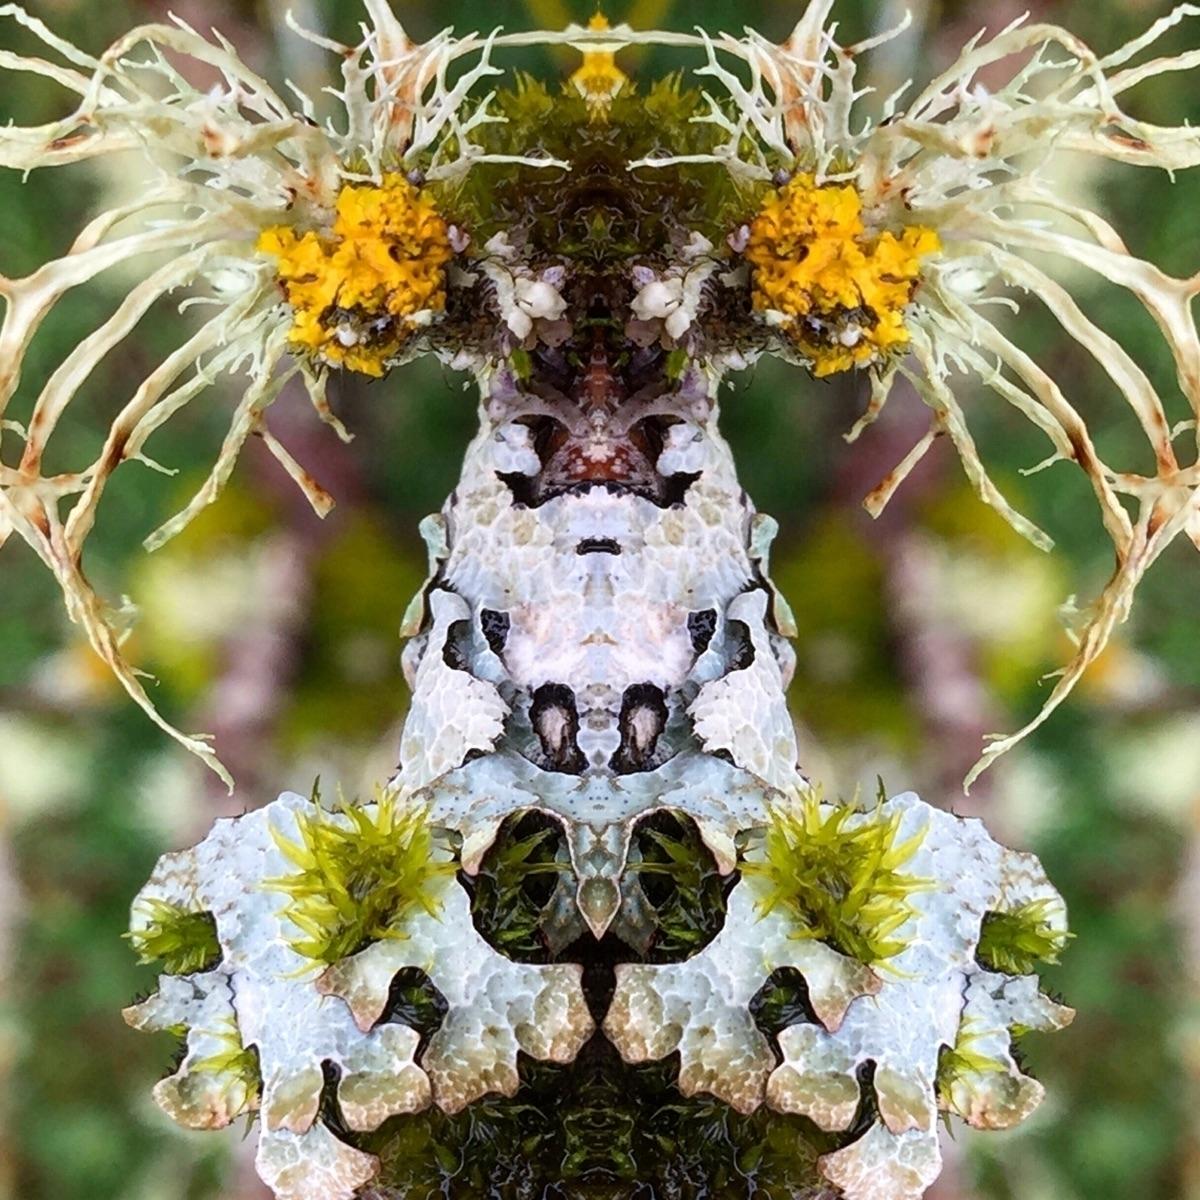 fungi, moss, lichen, getcloser - trillianmann | ello